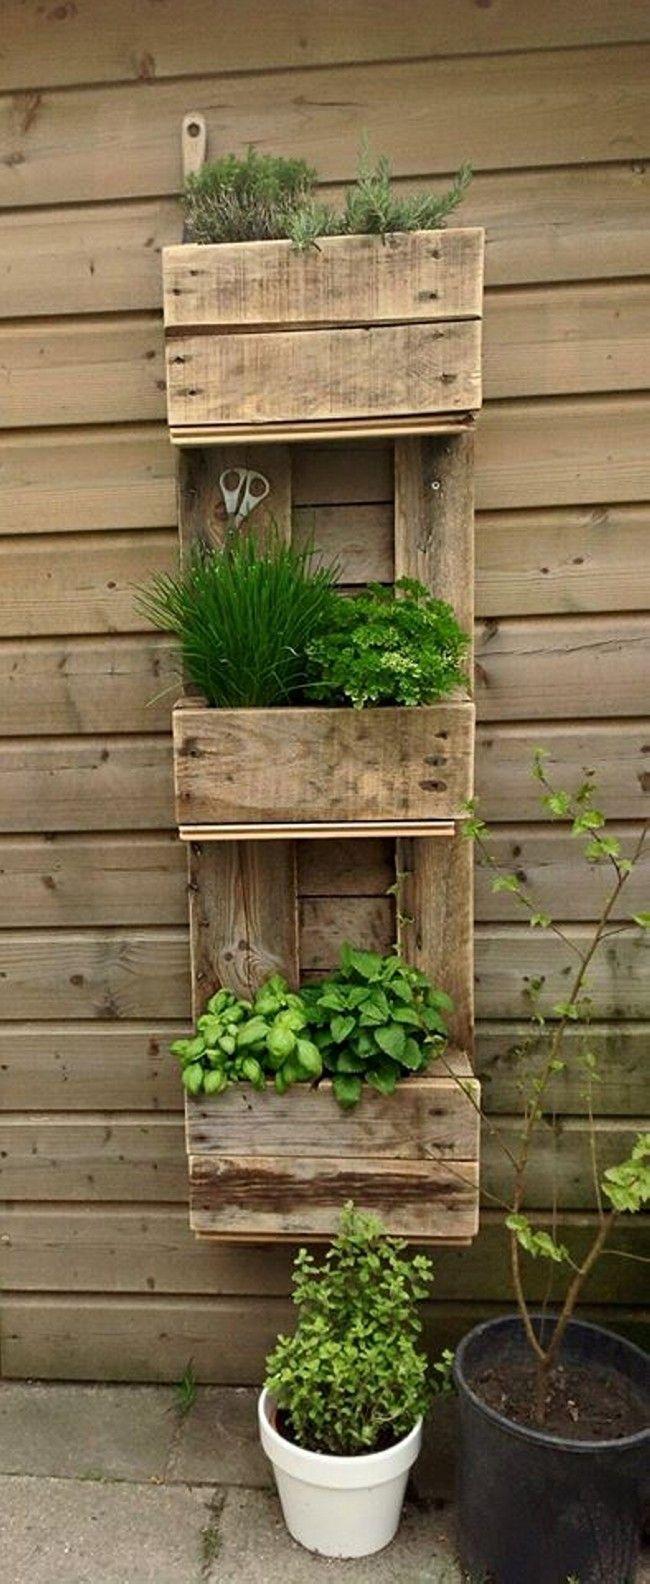 Garden tub decor   best Garden images on Pinterest  Garden art Decks and Gardening